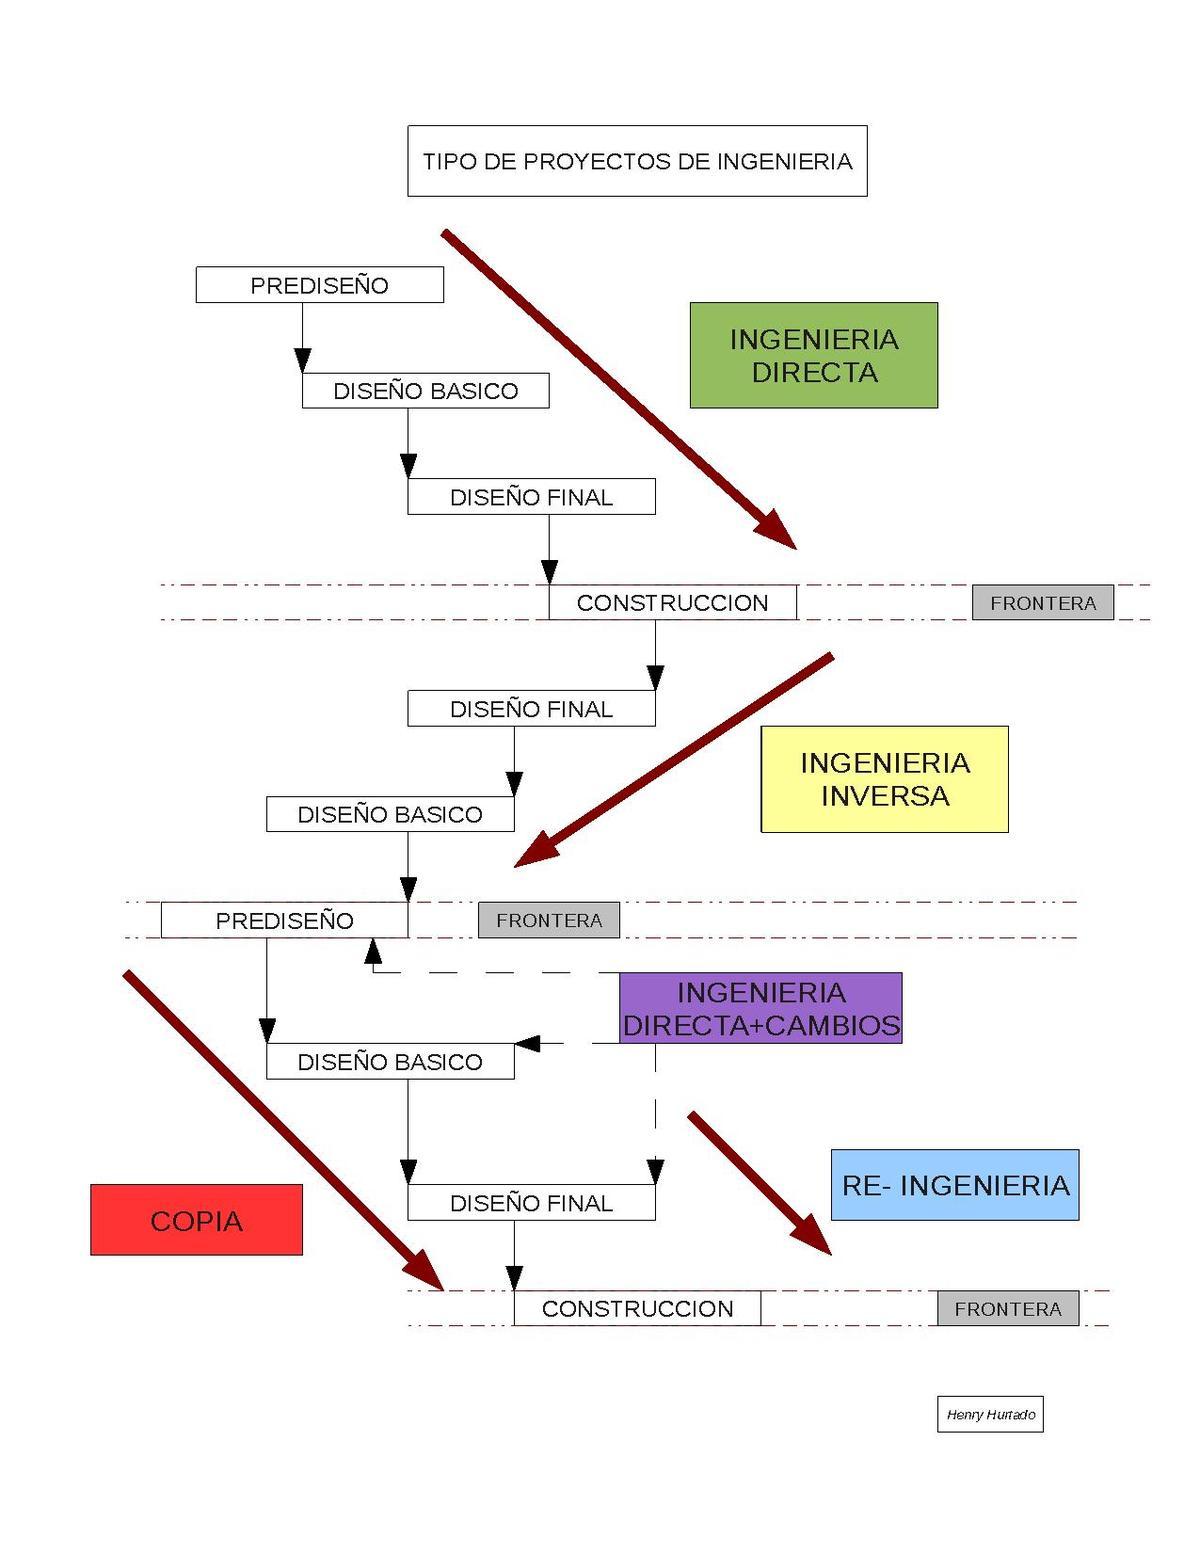 Ingeniería inversa - Wikipedia, la enciclopedia libre